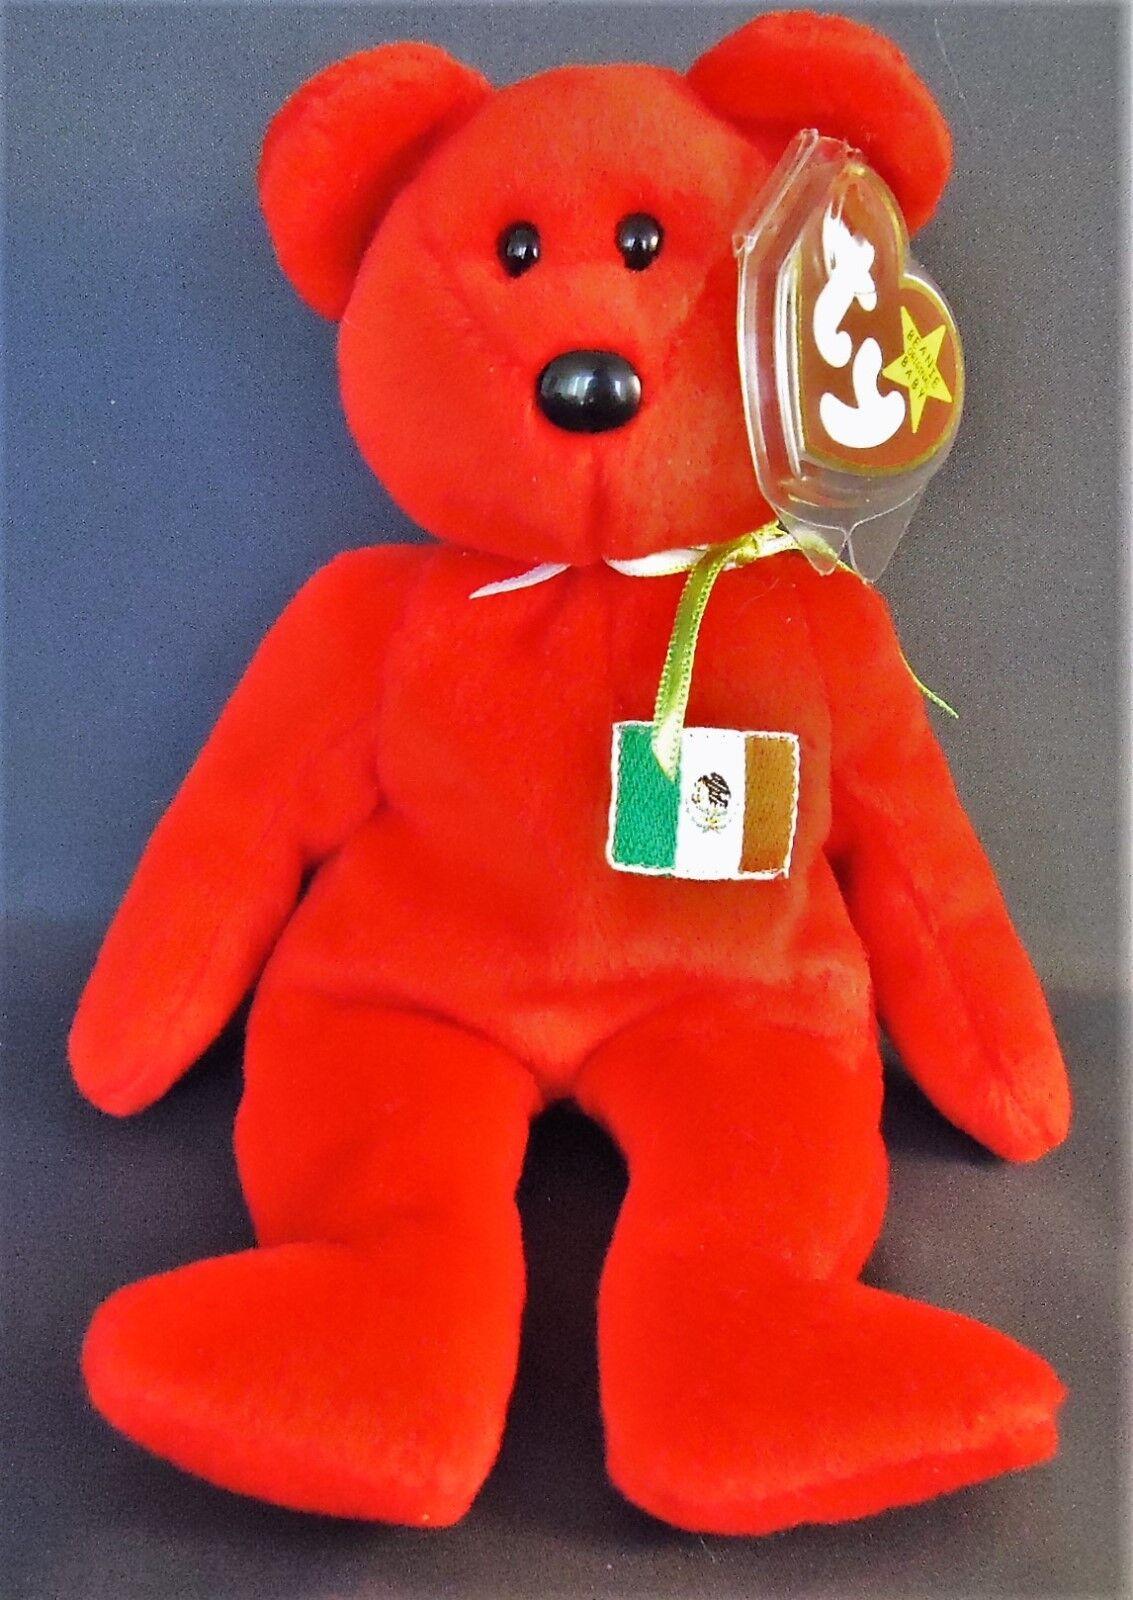 Ty original beanie babys osito mexiko tragen 9  beanbag in plüsch, 1999